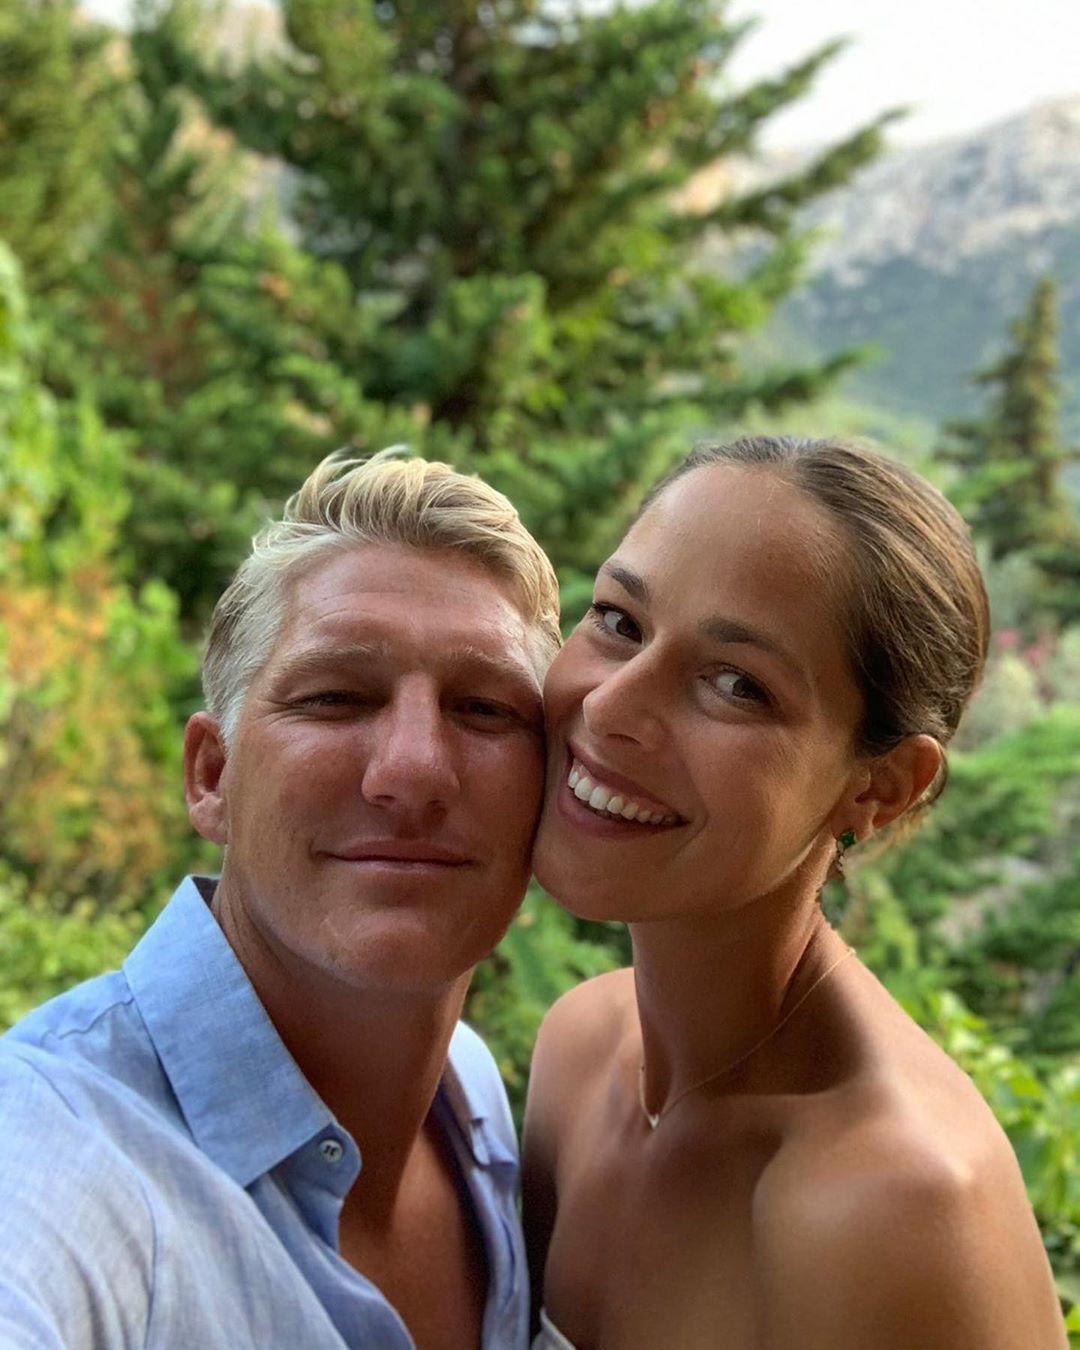 MNOGO TE VOLIMO: Ana Ivanović čestitala suprugu Bastijanu Švajnštajgeru Dan očeva (FOTO)